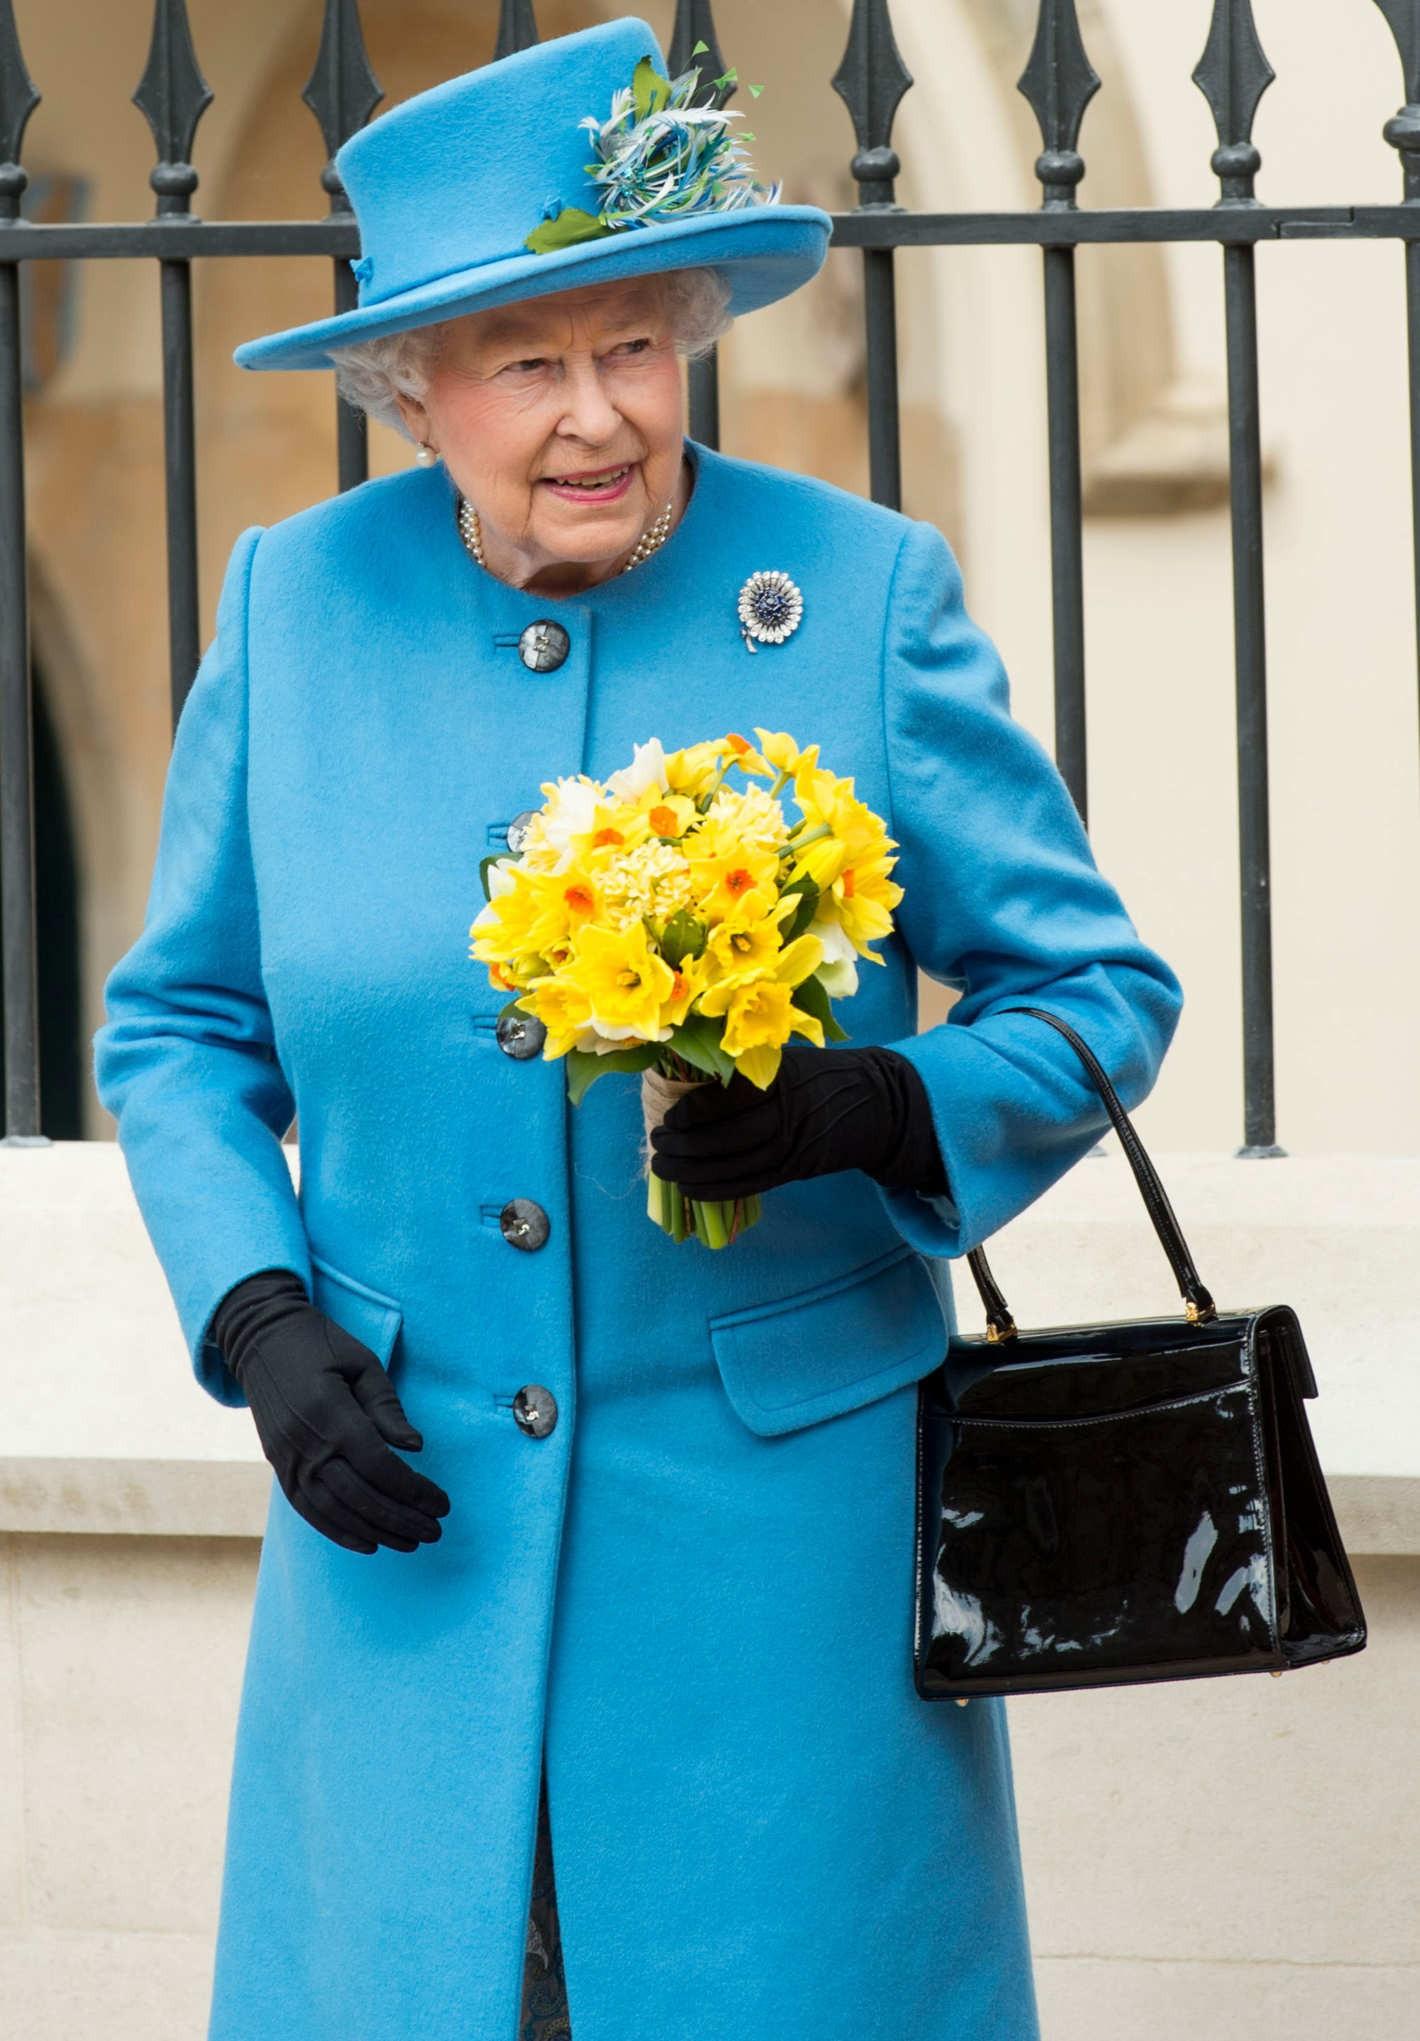 Ngoài gu diện đồ sặc sỡ, Nữ hoàng Anh còn có 5 bí mật làm nên phong cách thời trang không thể trộn lẫn - Ảnh 17.